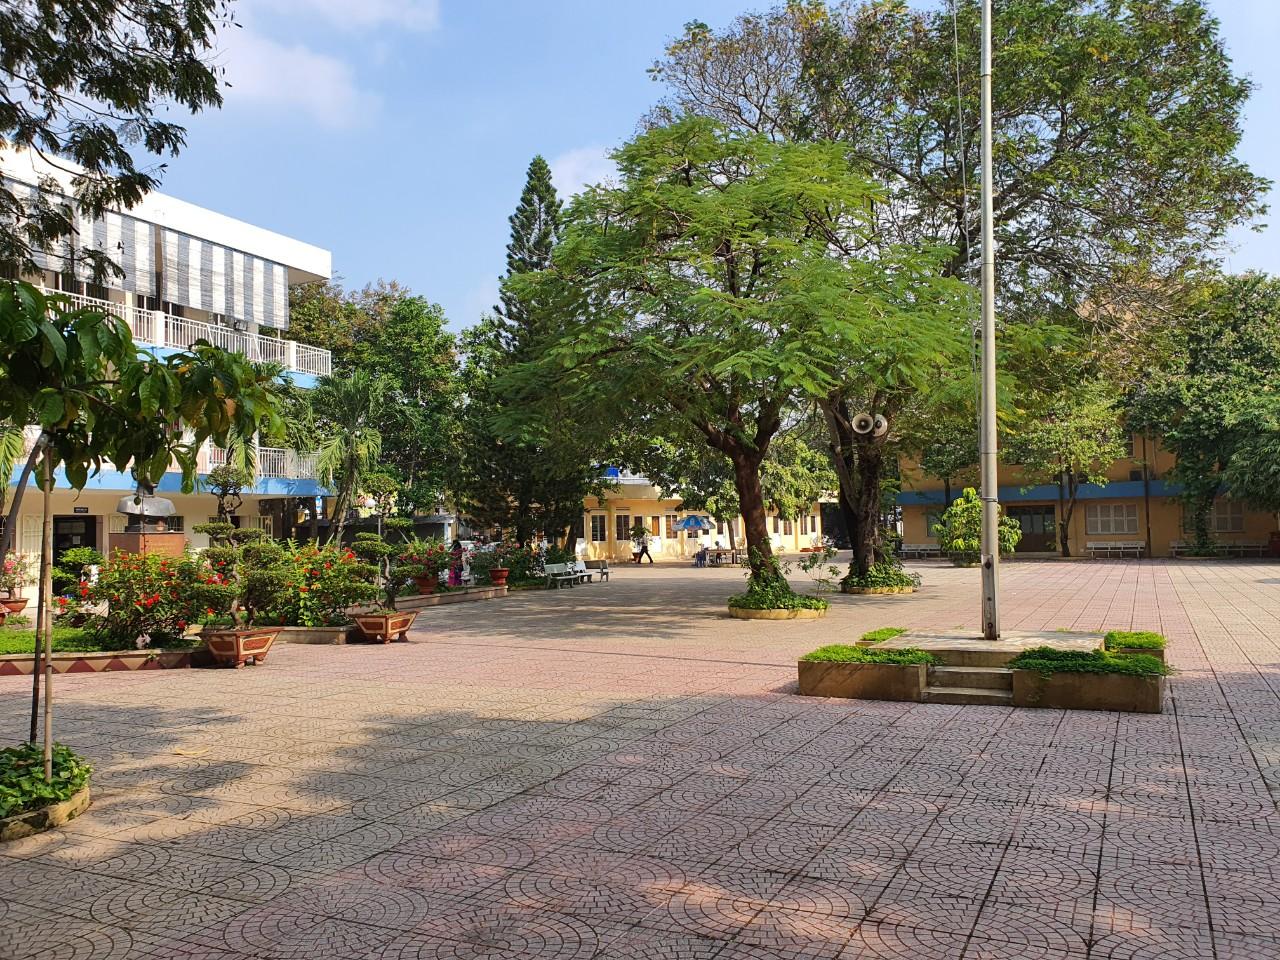 Kinh nghiệm chọn trường dân lập tốt ở Phú Nhuận